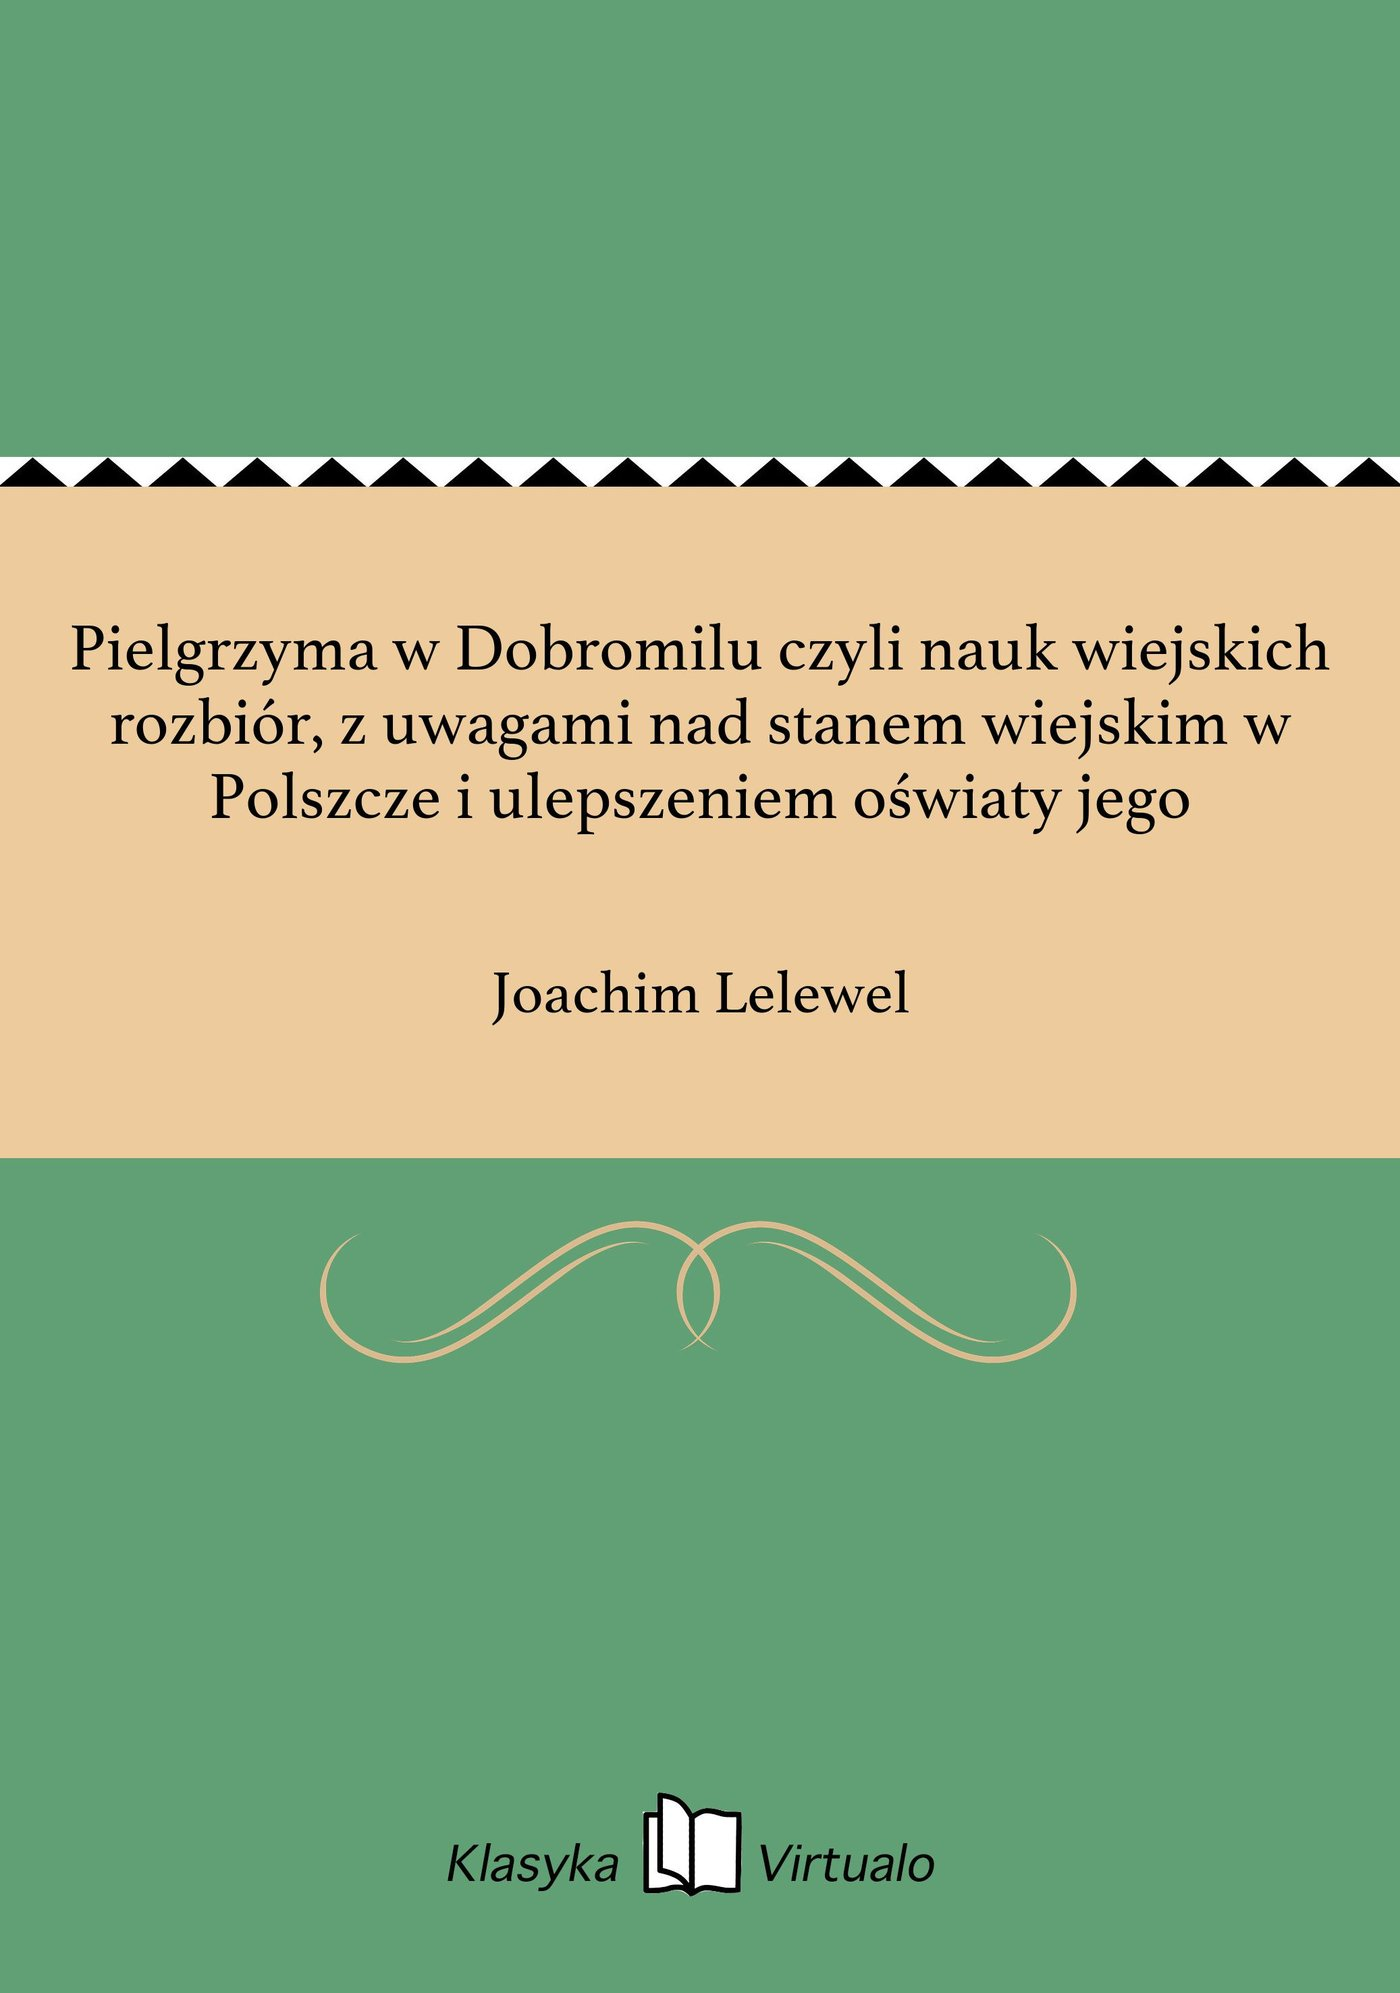 Pielgrzyma w Dobromilu czyli nauk wiejskich rozbiór, z uwagami nad stanem wiejskim w Polszcze i ulepszeniem oświaty jego - Ebook (Książka EPUB) do pobrania w formacie EPUB